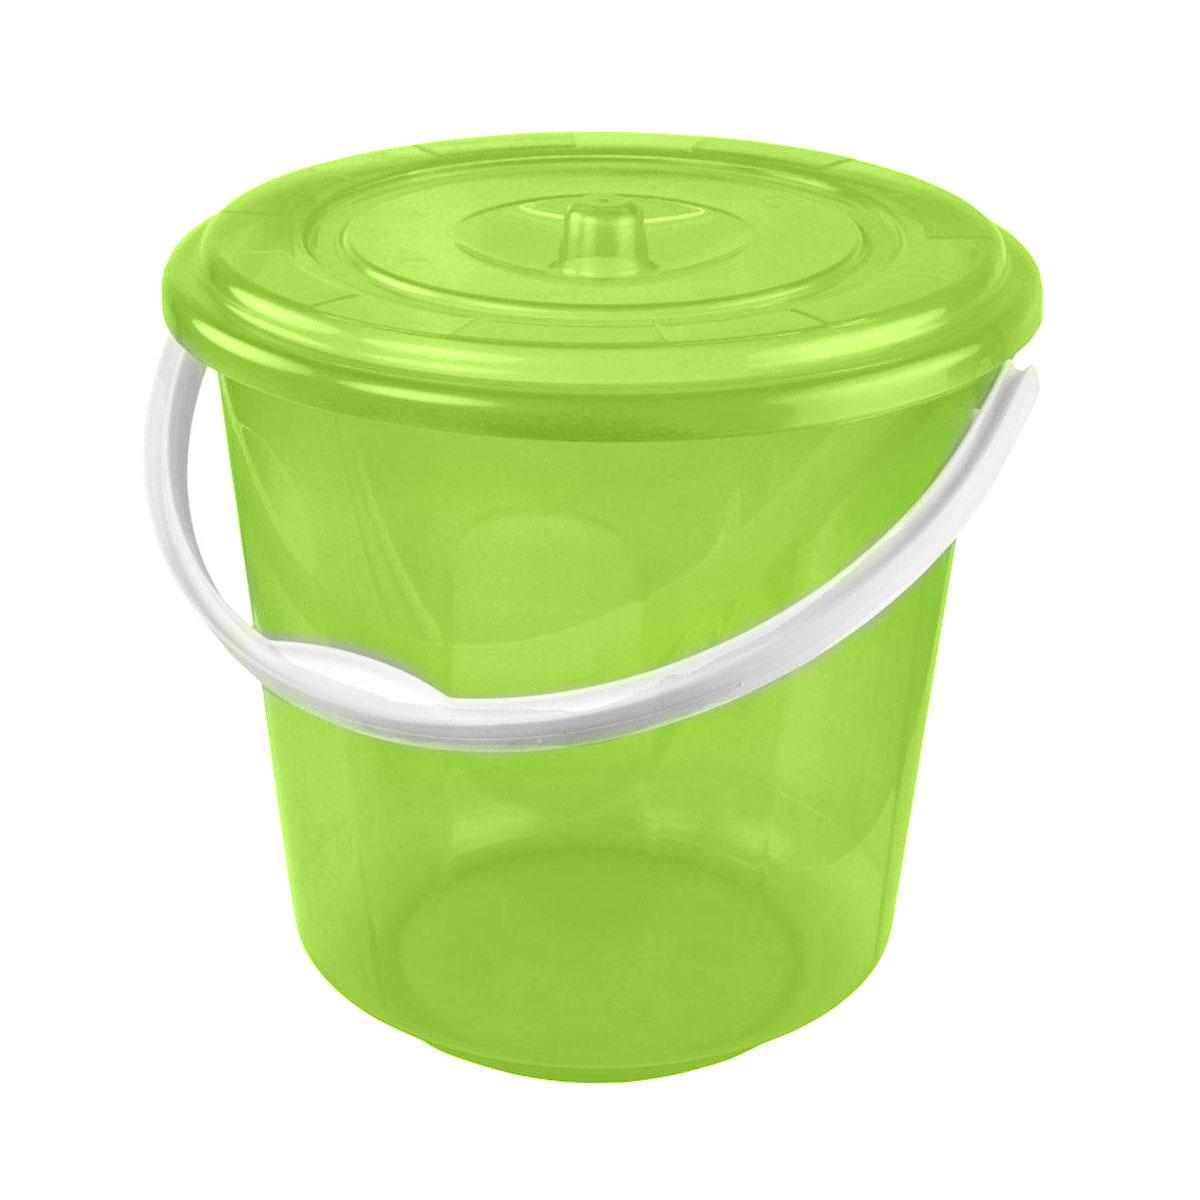 Ведро Альтернатива Хозяюшка, с крышкой, цвет: зеленый, 5 лМ1178Круглое ведро Альтернатива Хозяюшка изготовлено из высококачественного пластика. Оно легче железного и не подвержено коррозии. Ведро оснащено удобной пластиковой ручкой и плотно прилегающей крышкой. Такое ведро станет незаменимым помощником в хозяйстве. Диаметр (по верхнему краю): 21 см. Высота (без учета крышки): 21 см.